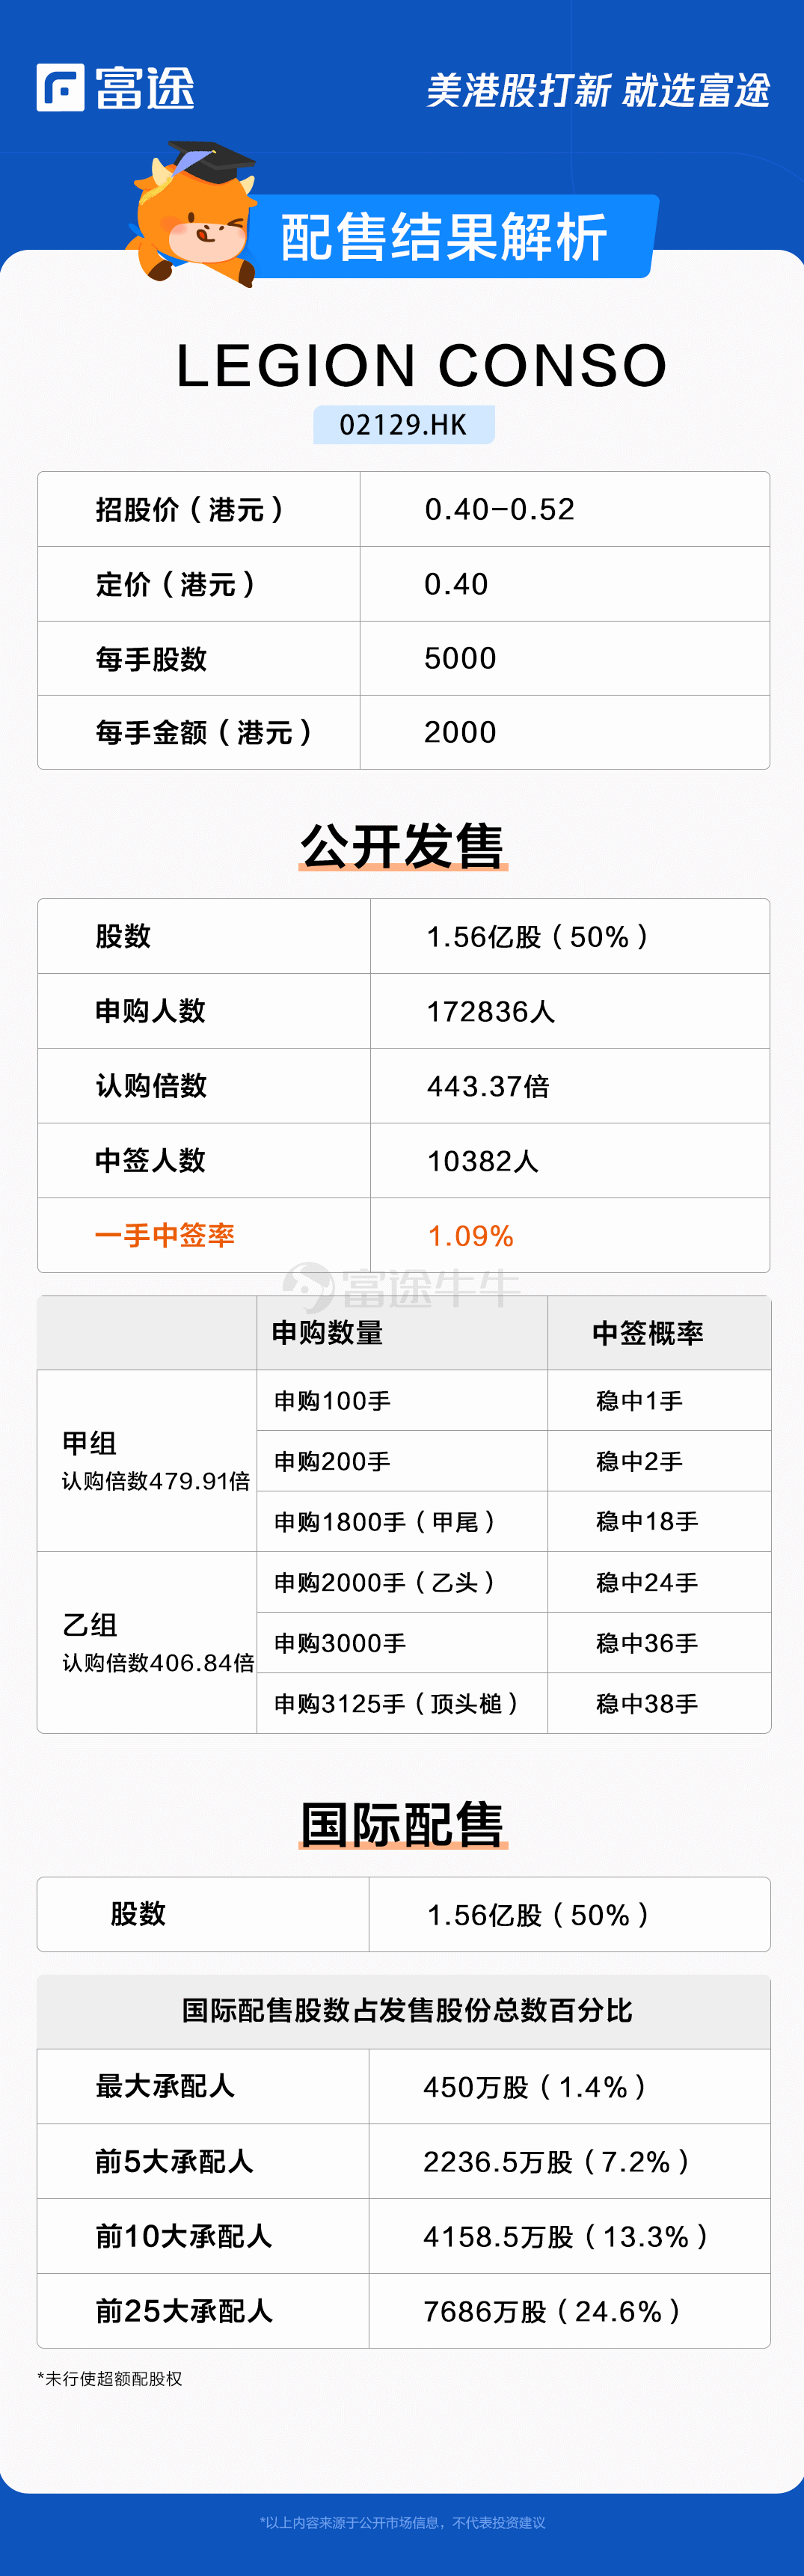 新股定价 军团康索认购443.37倍,每股价格为0.4港元